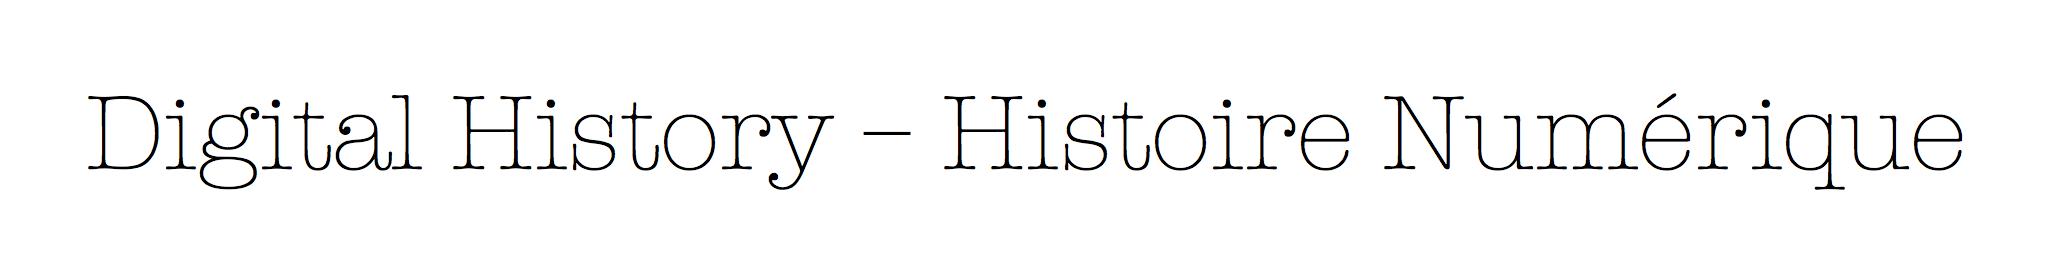 Digital History - Histoire Numérique